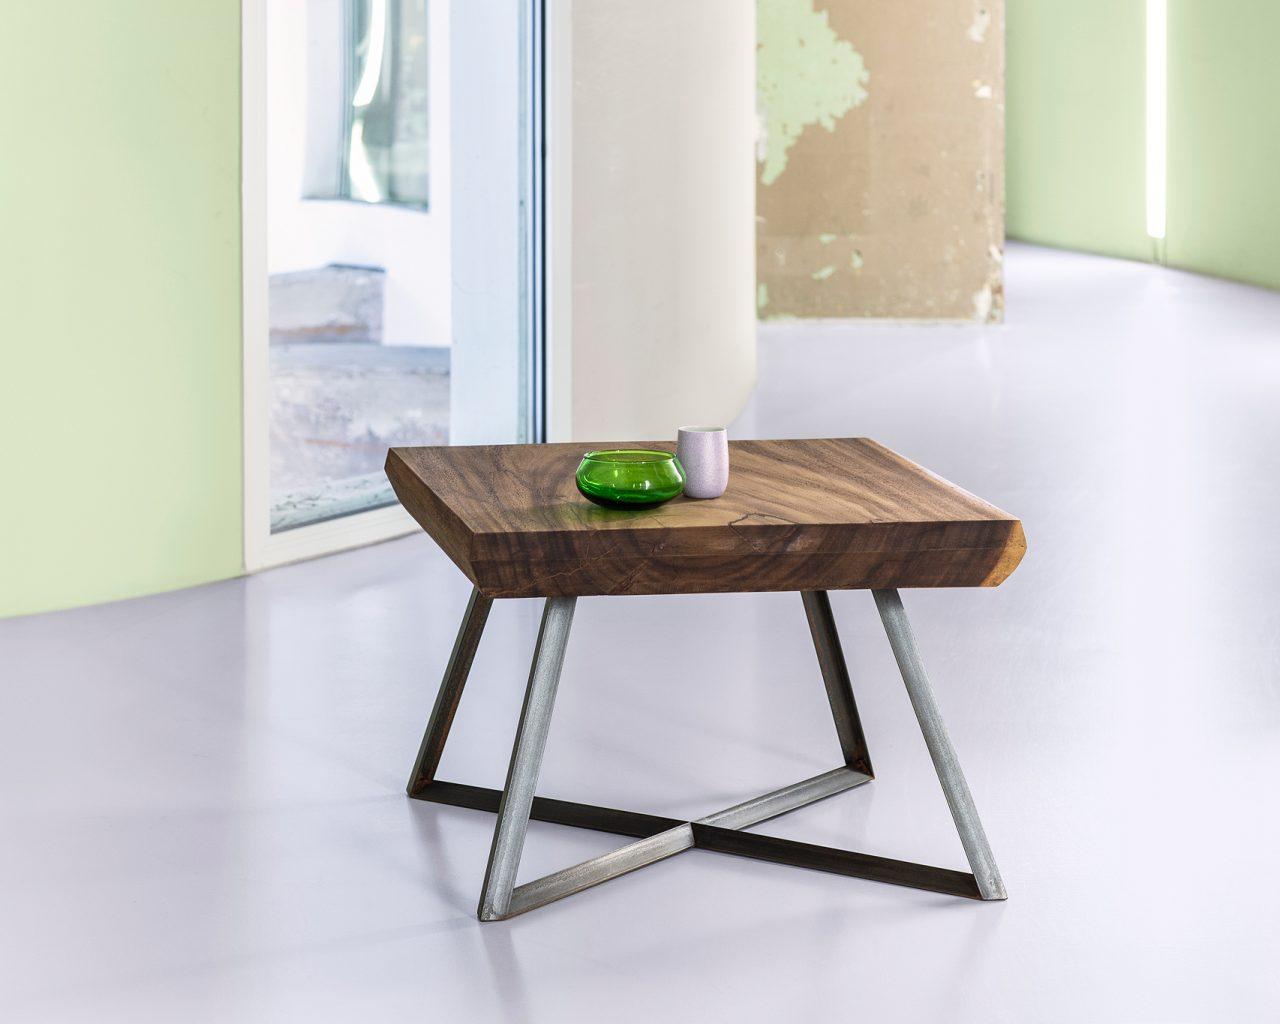 Het blad van deze koffietafel is gemaakt van Suar, een Indonesisch hardhout. De metalen poten zijn gemaakt van gezwart ijzer en hebben een uniek verstek.